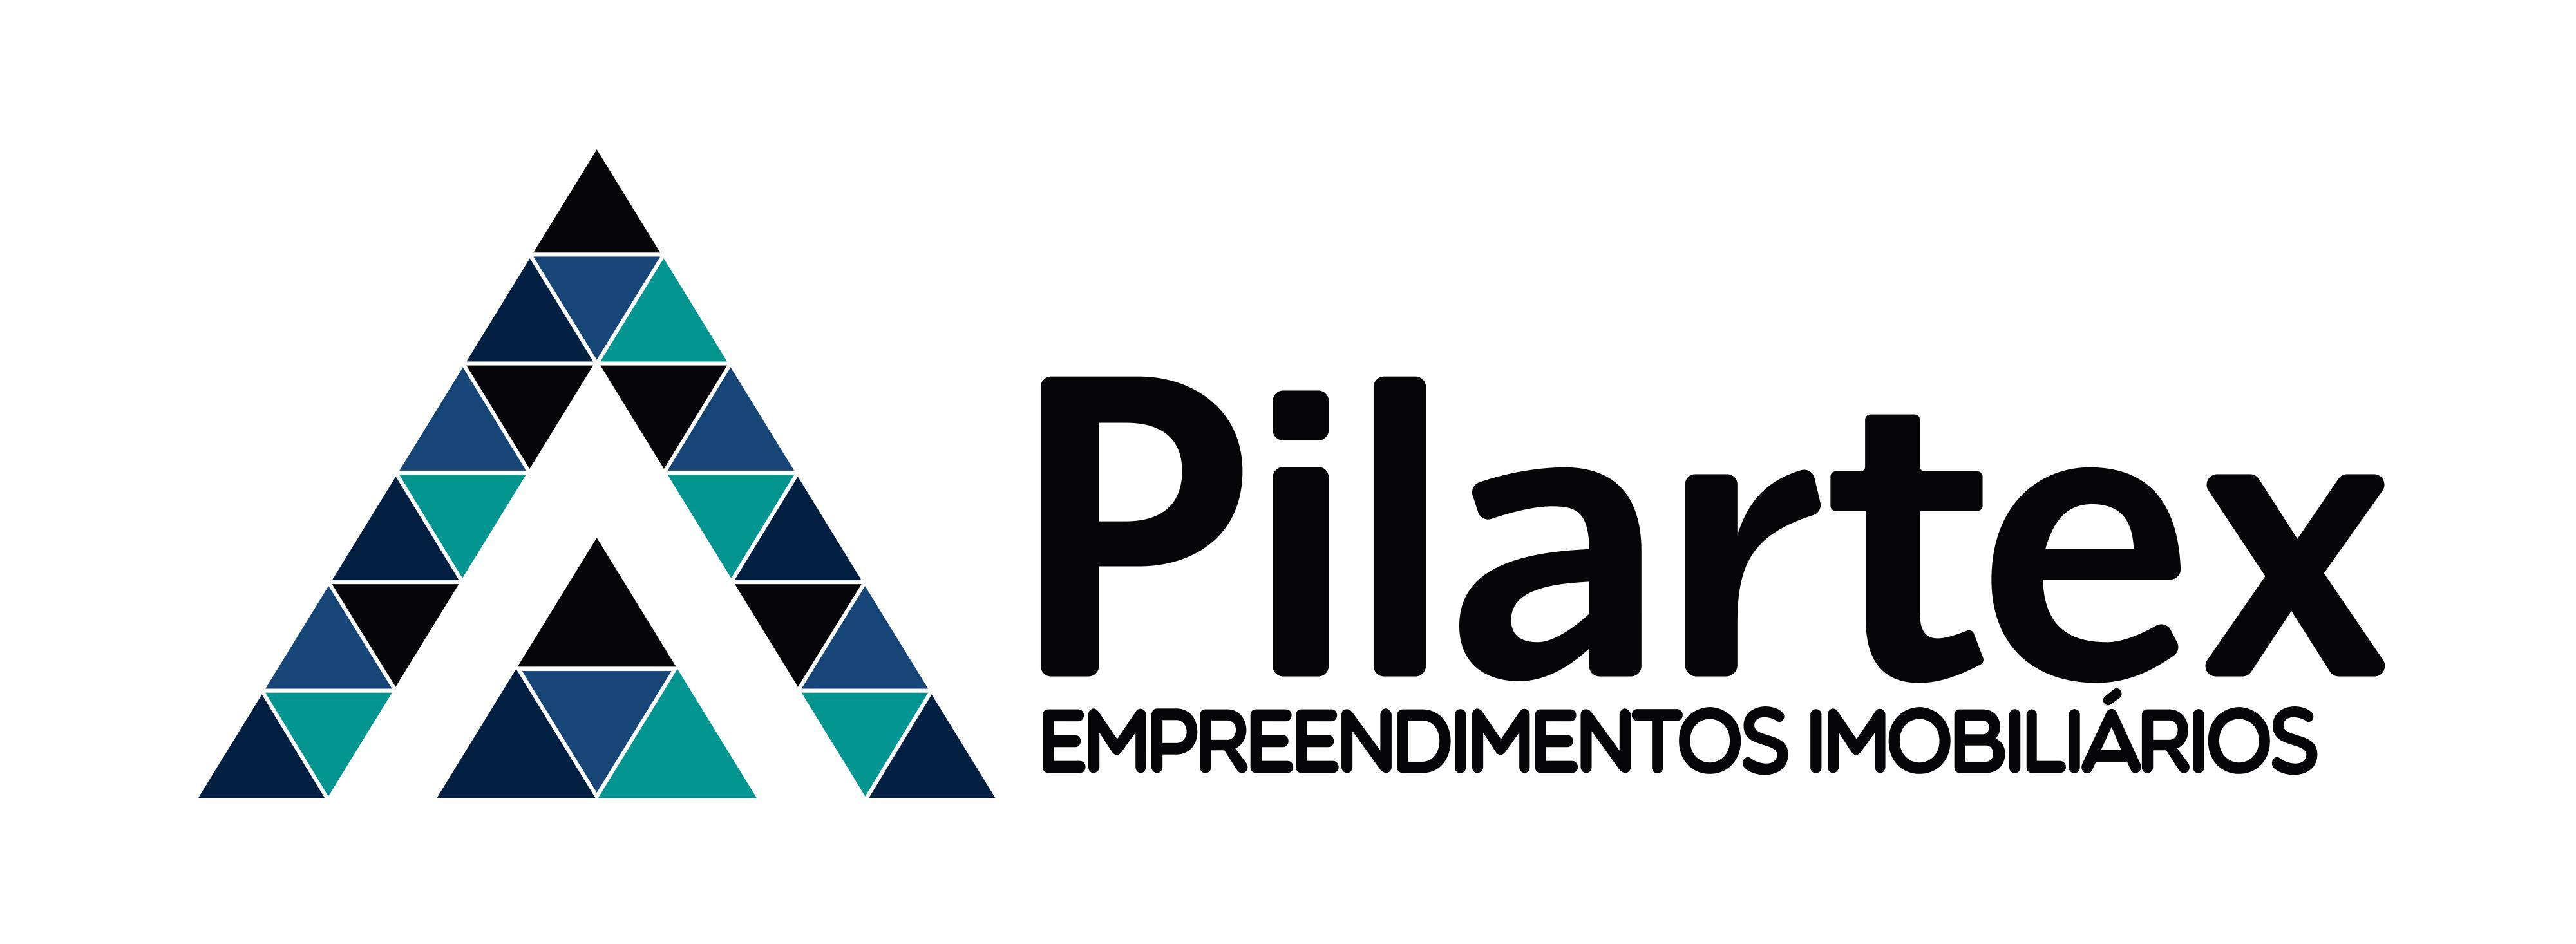 PILARTEX EMPREENDIMENTOS IMOBILIARIOS